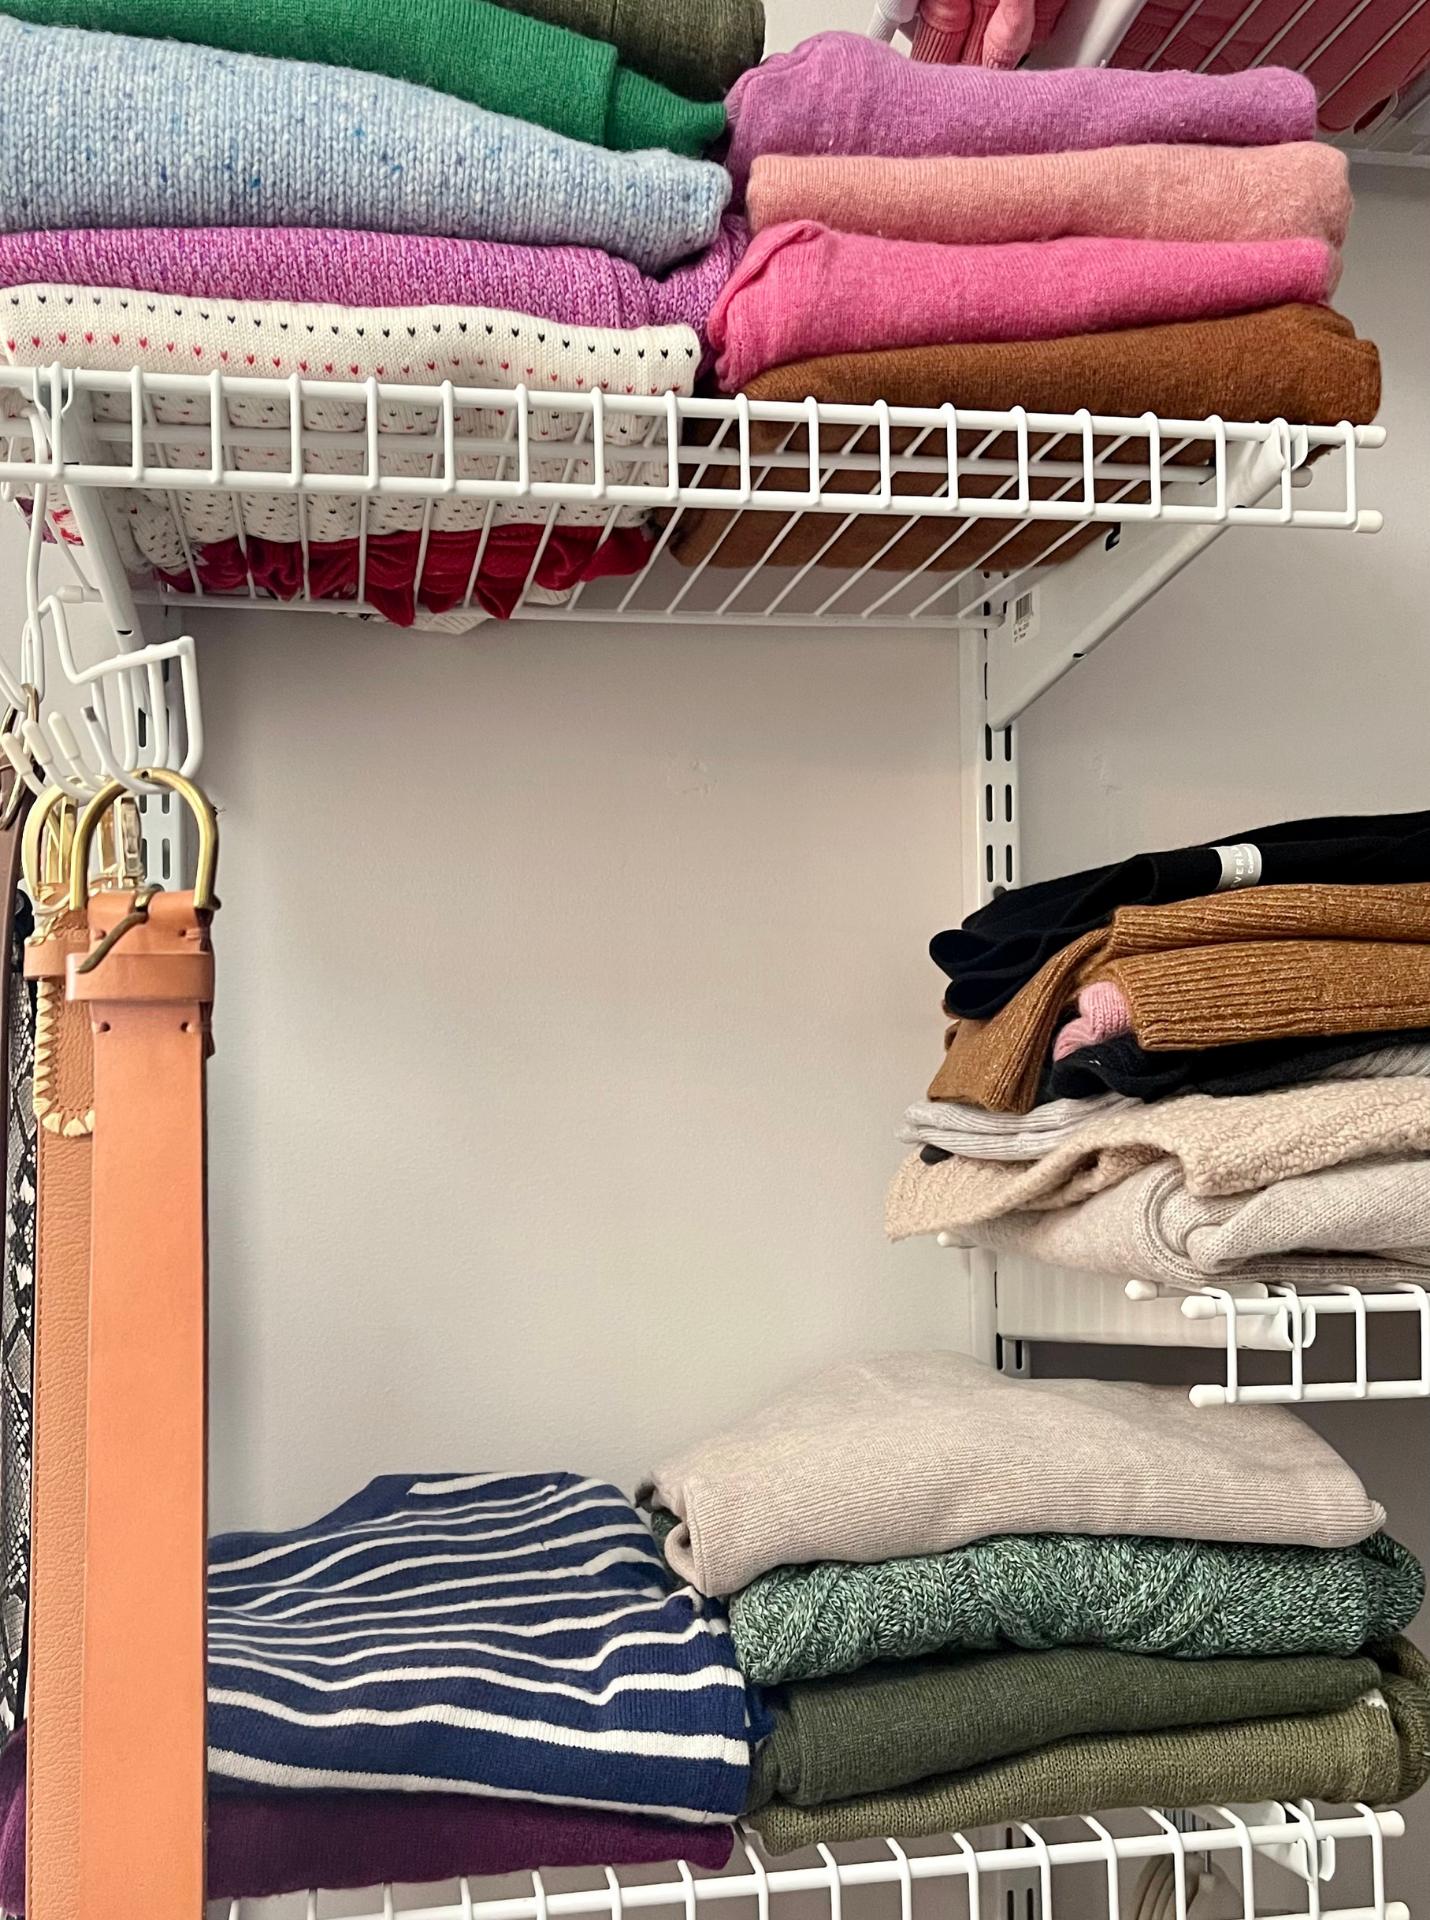 How I've Organized My Fall Wardrobe 5